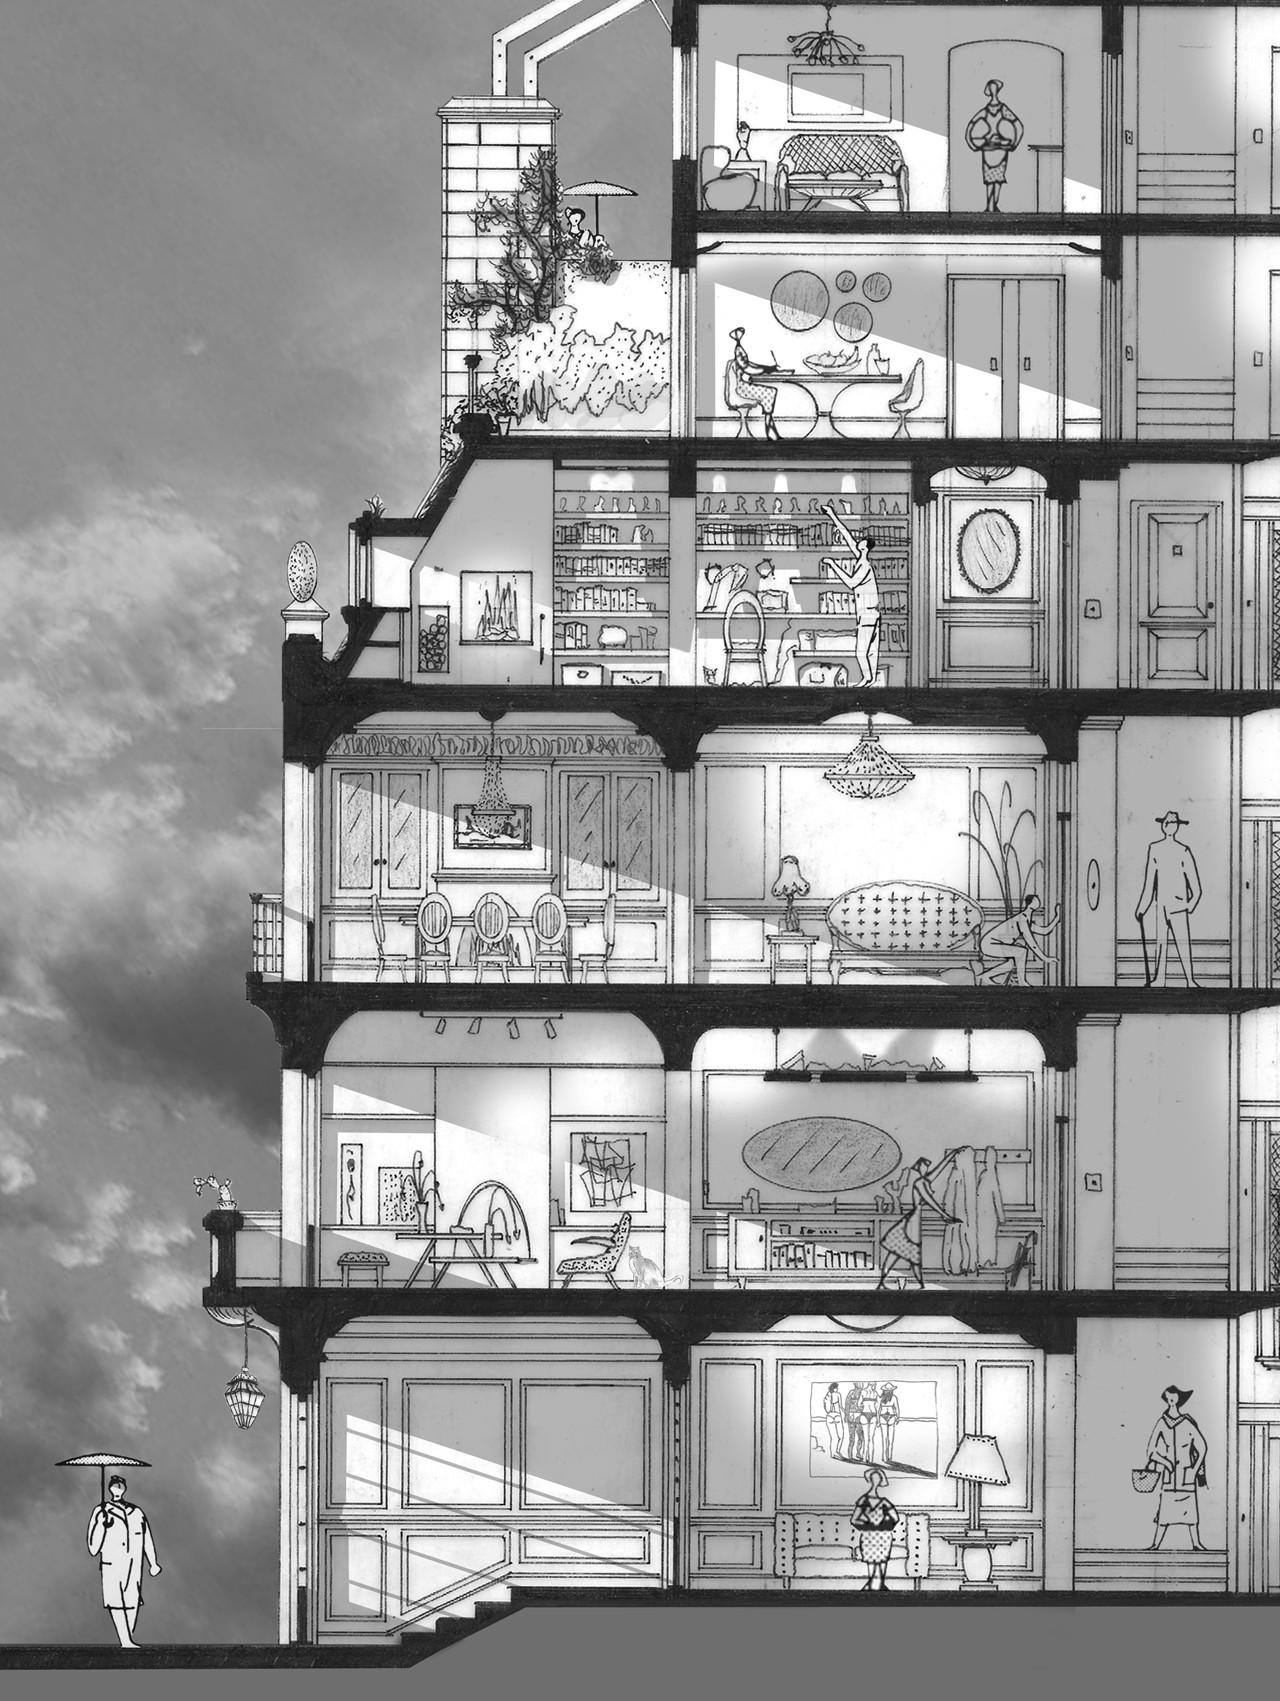 Galeria de arte e arquitetura desenhos arquitet nicos que - Galeria de arte sorolla ...